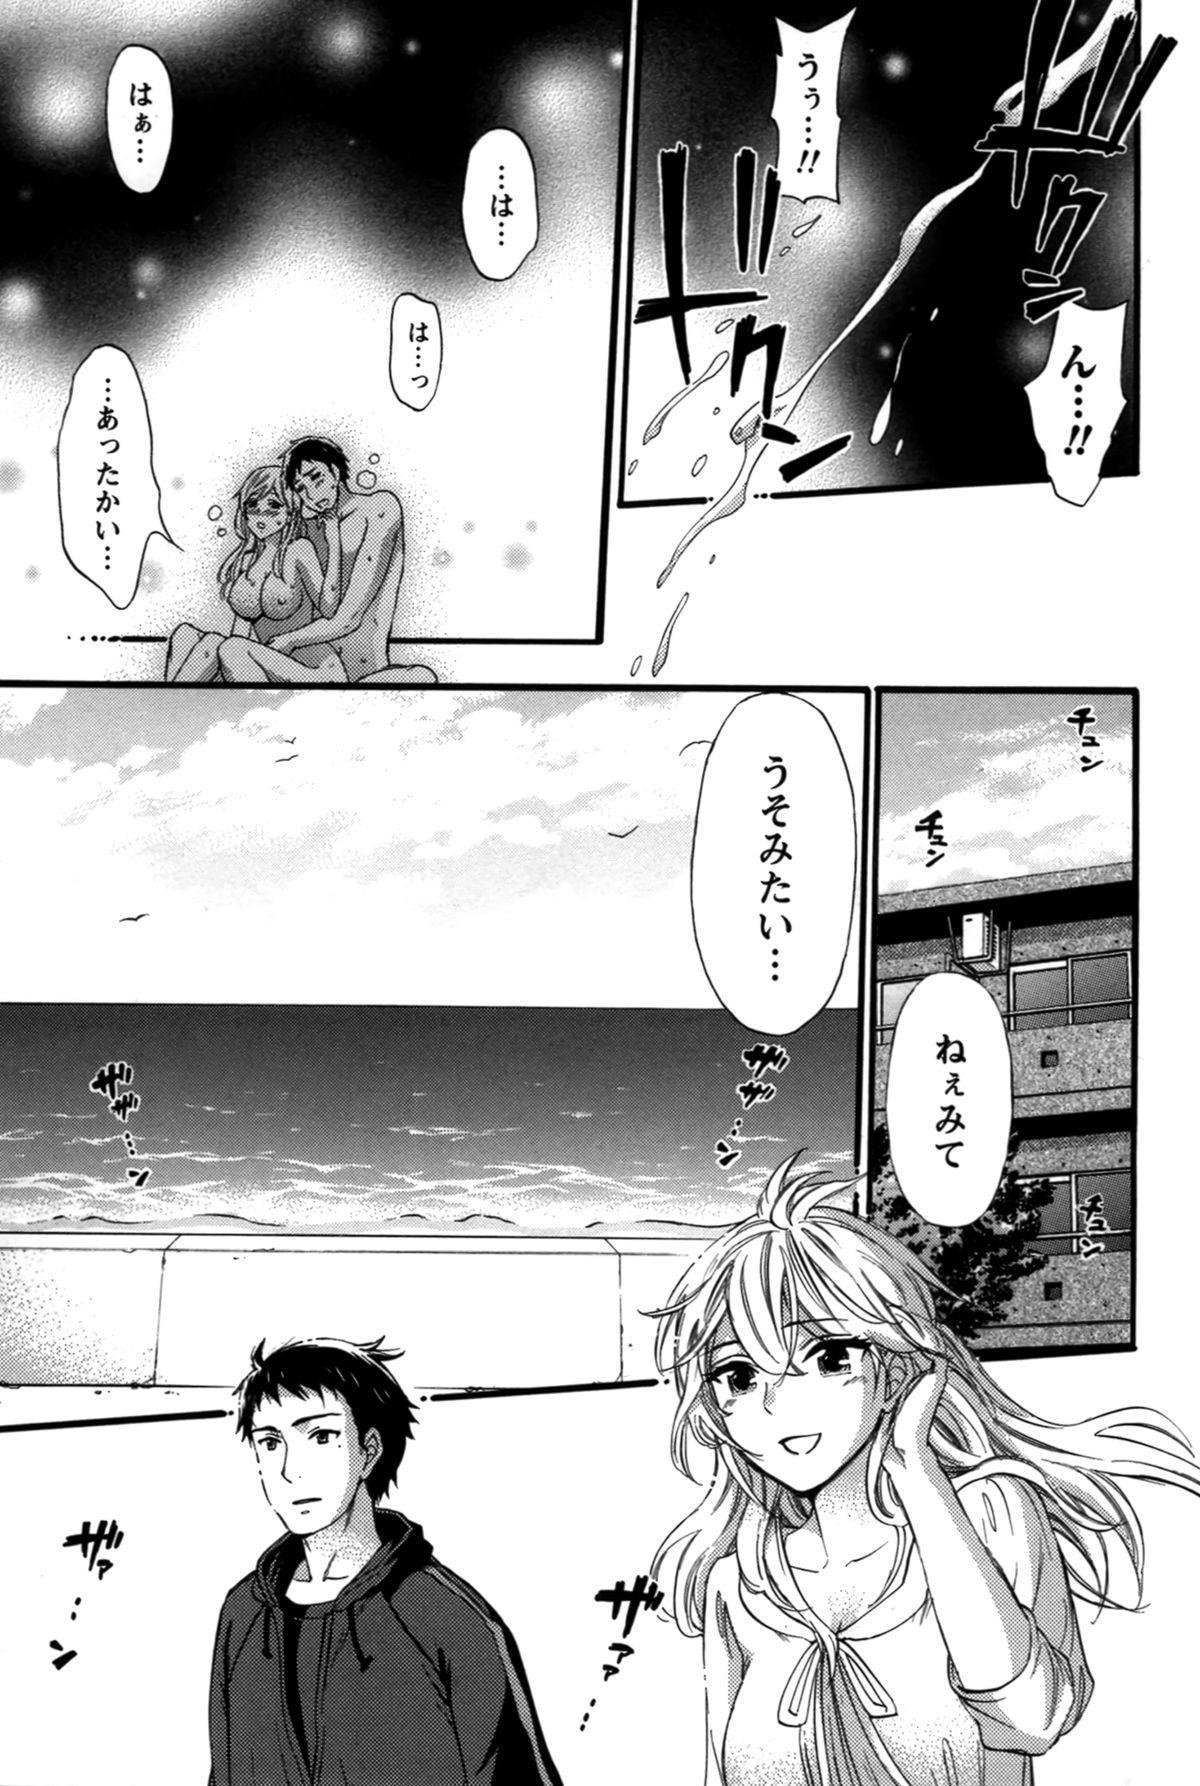 Anata to Watashi wa Warukunai 195